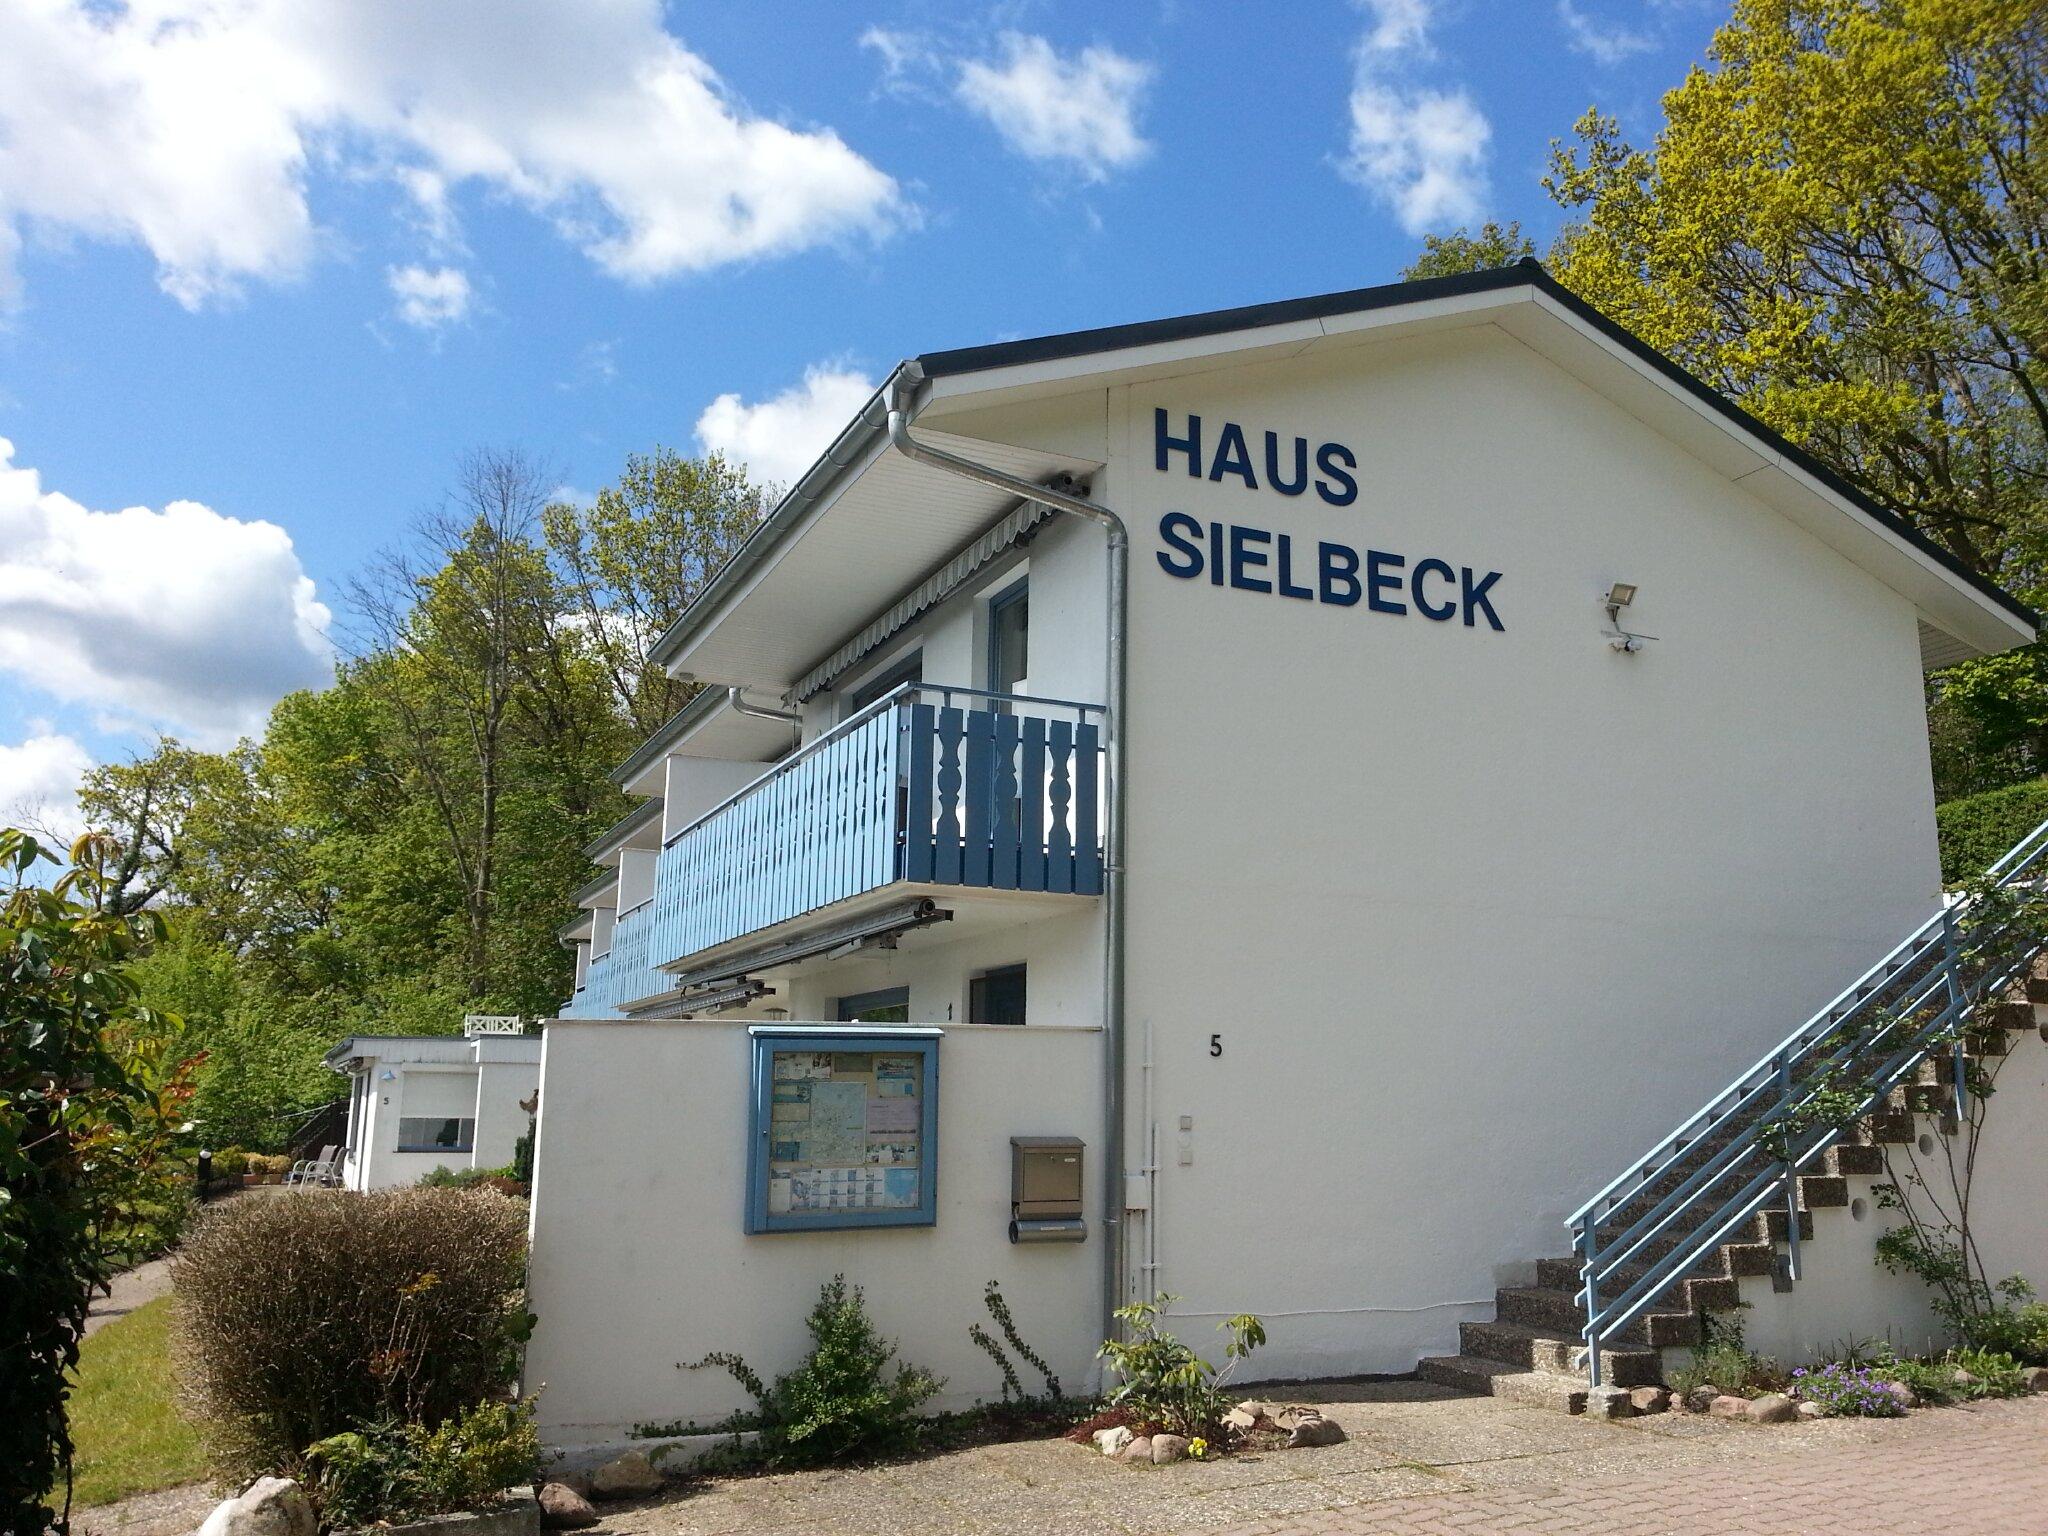 Haus Sielbeck vom Parkplatz aus gesehen